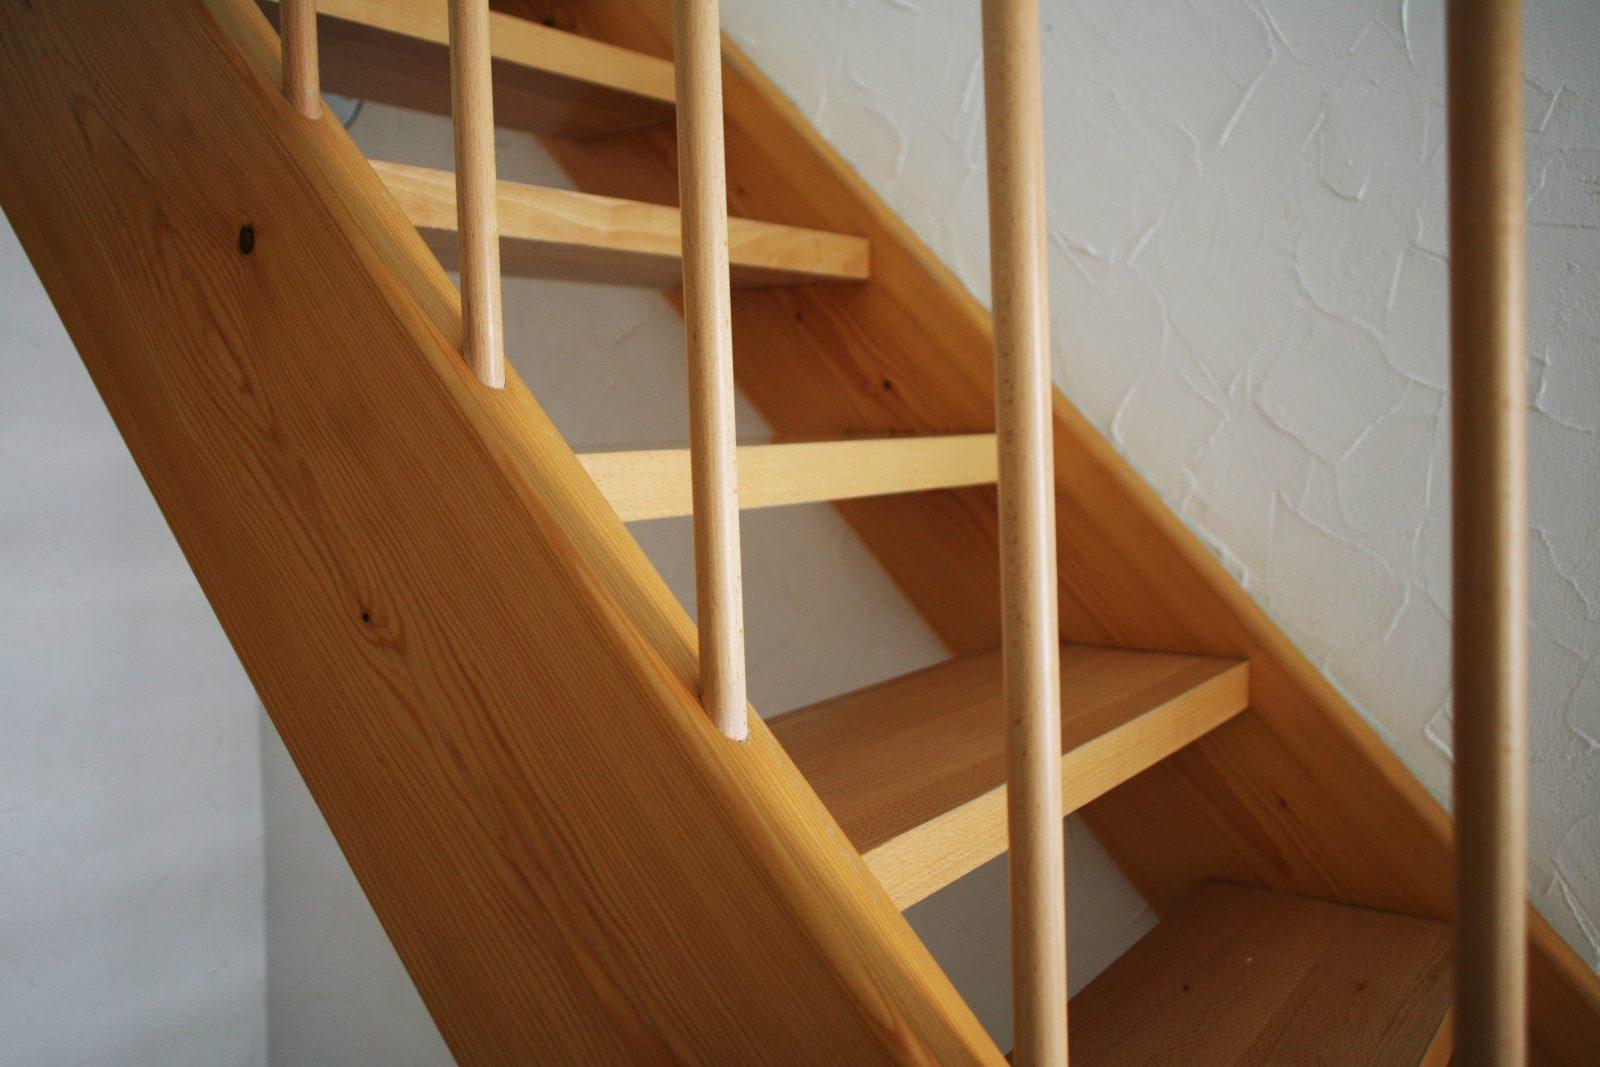 gefahren entfernen kindersicherung für treppen von kleine treppe